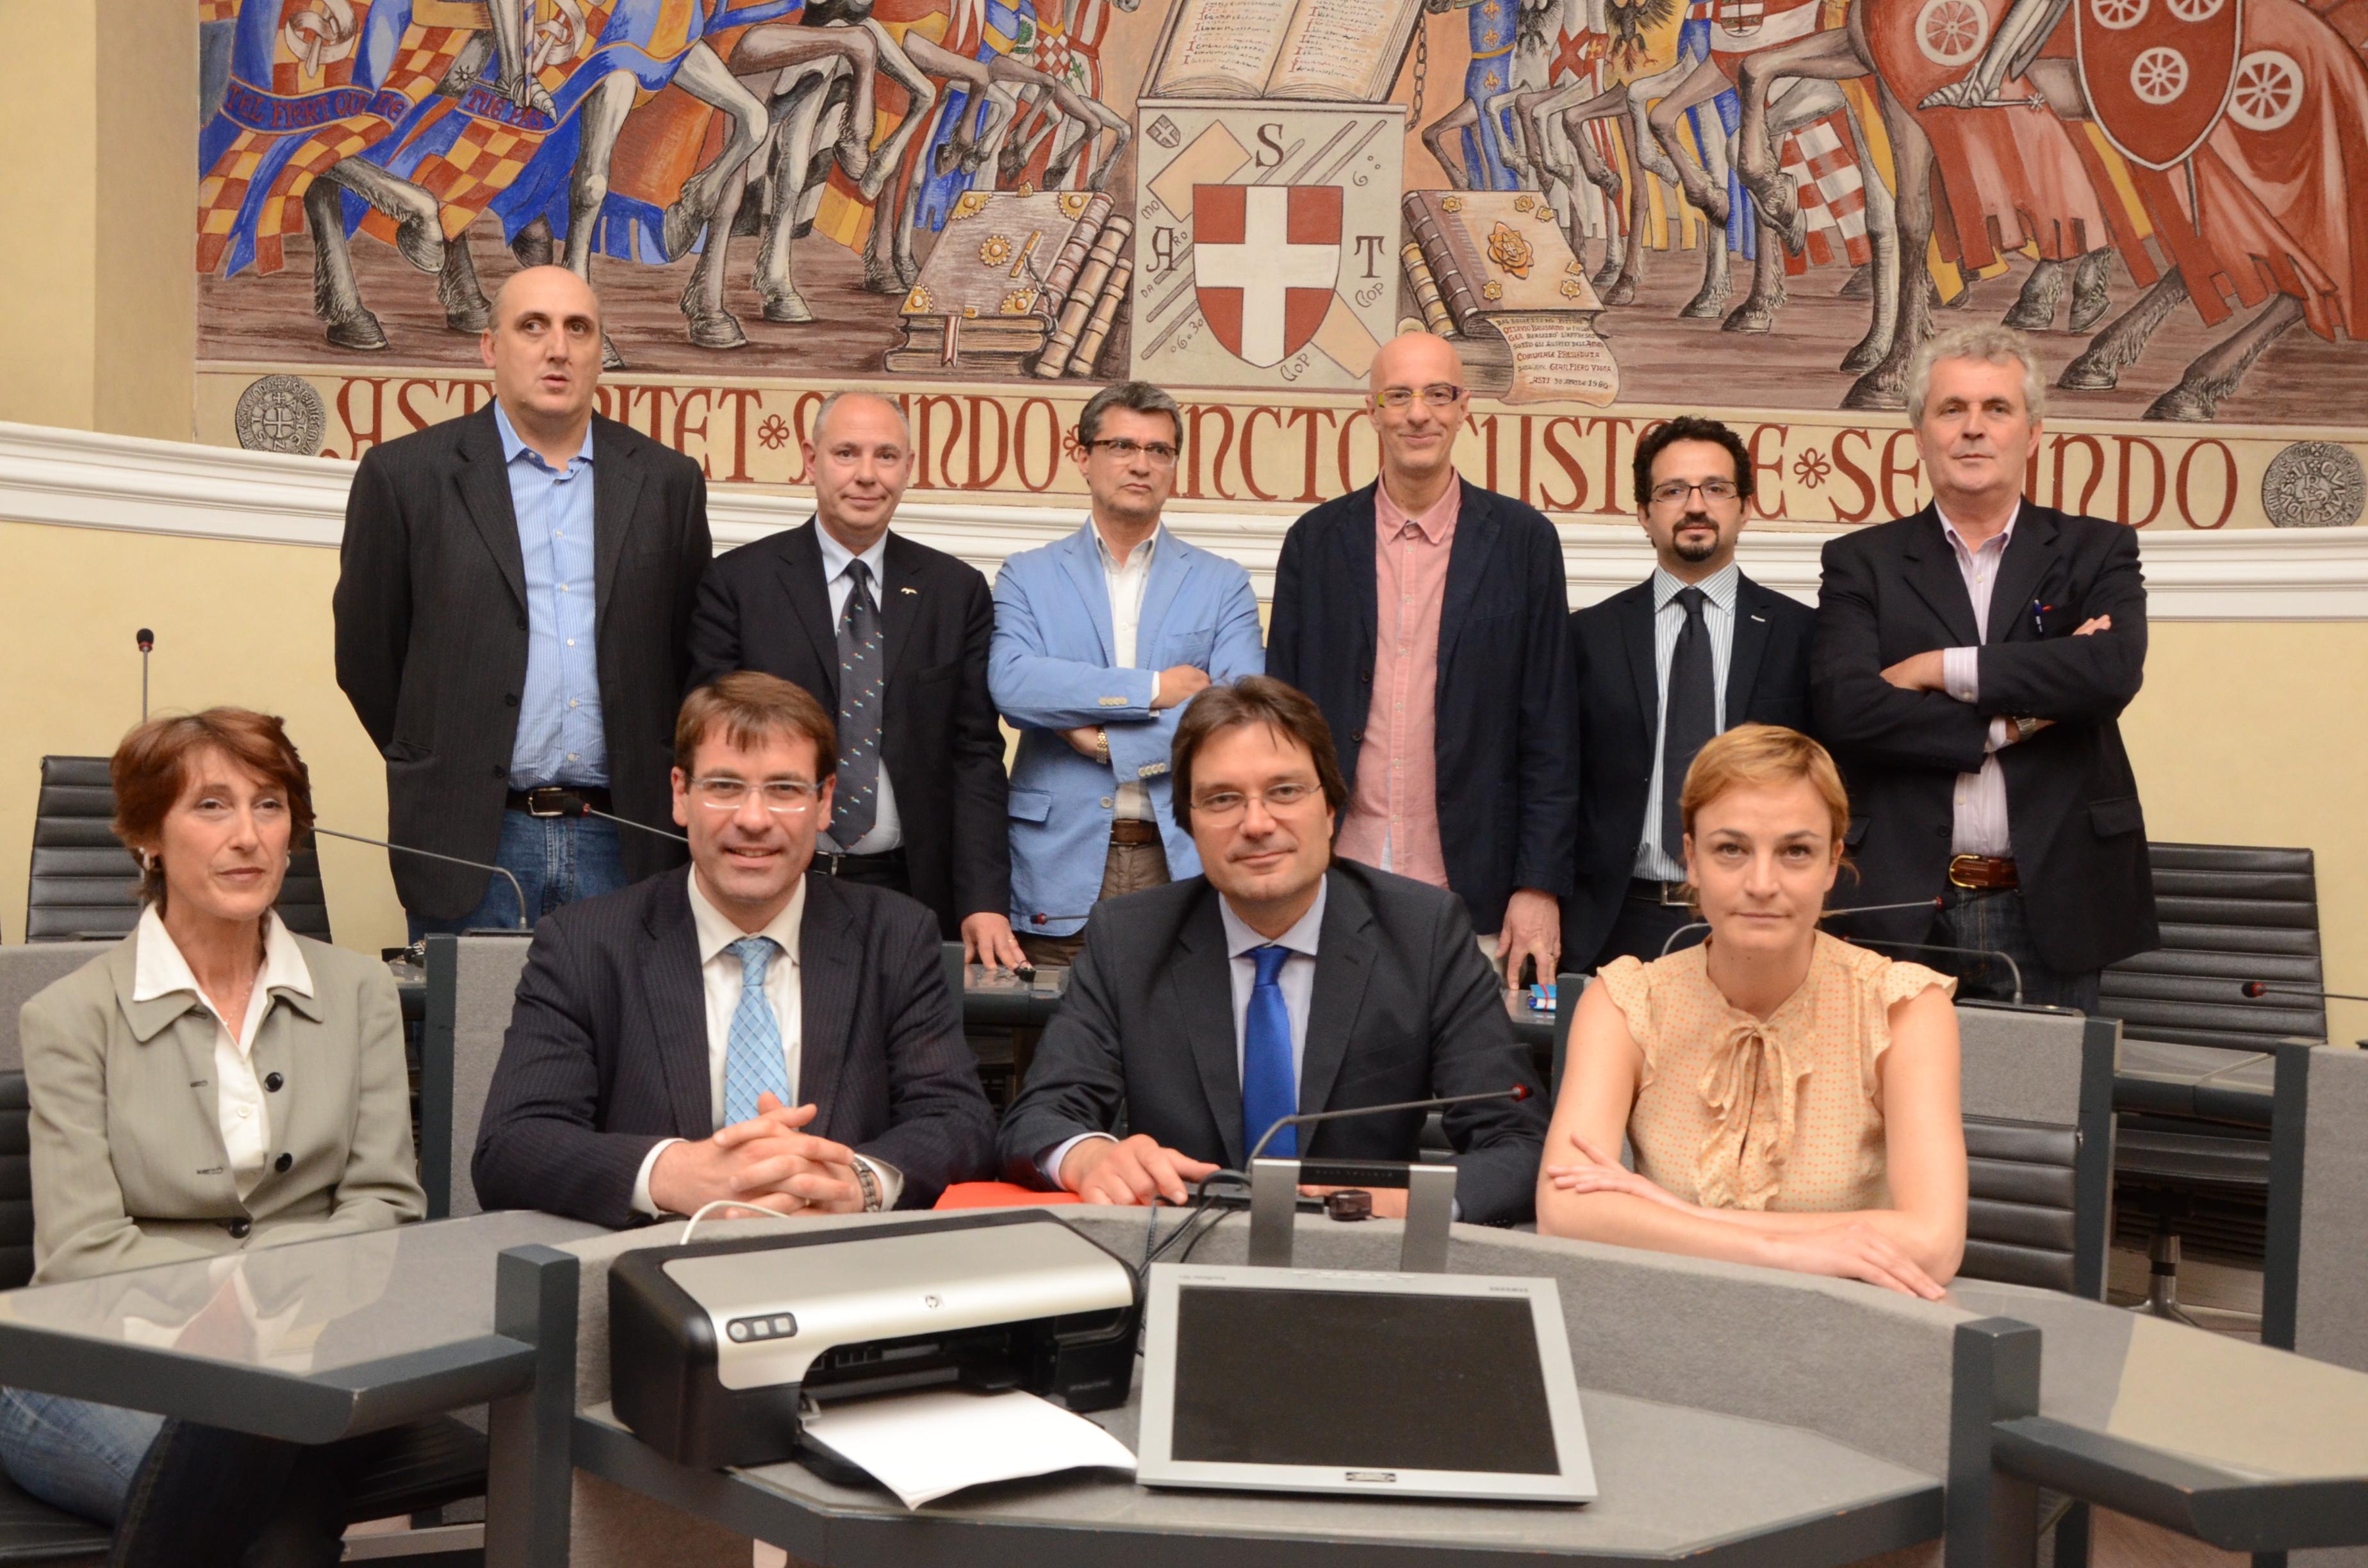 Asti, il reddito dichiarato da sindaco, assessori e consiglieri comunali